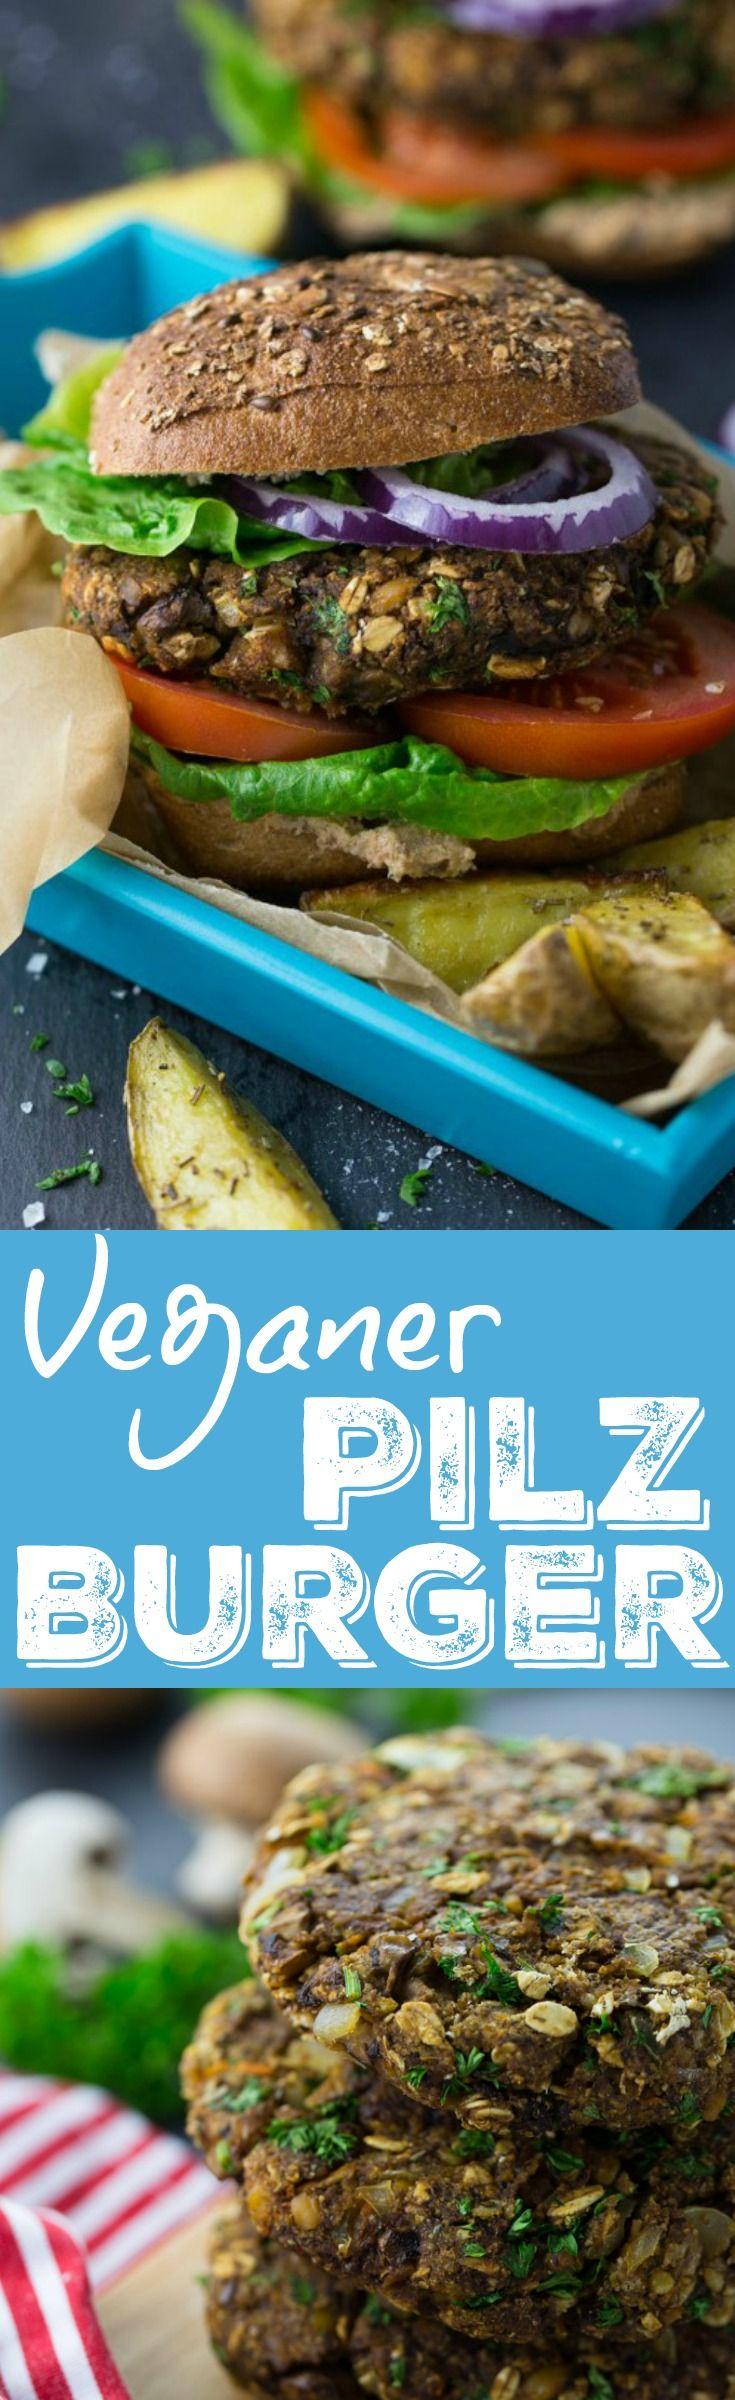 Vegane Pilz Burger aus Champignons, Kichererbsen, Haferflocken und Petersilie. Nicht nur unglaublich lecker, sondern auch noch richtig gesund!